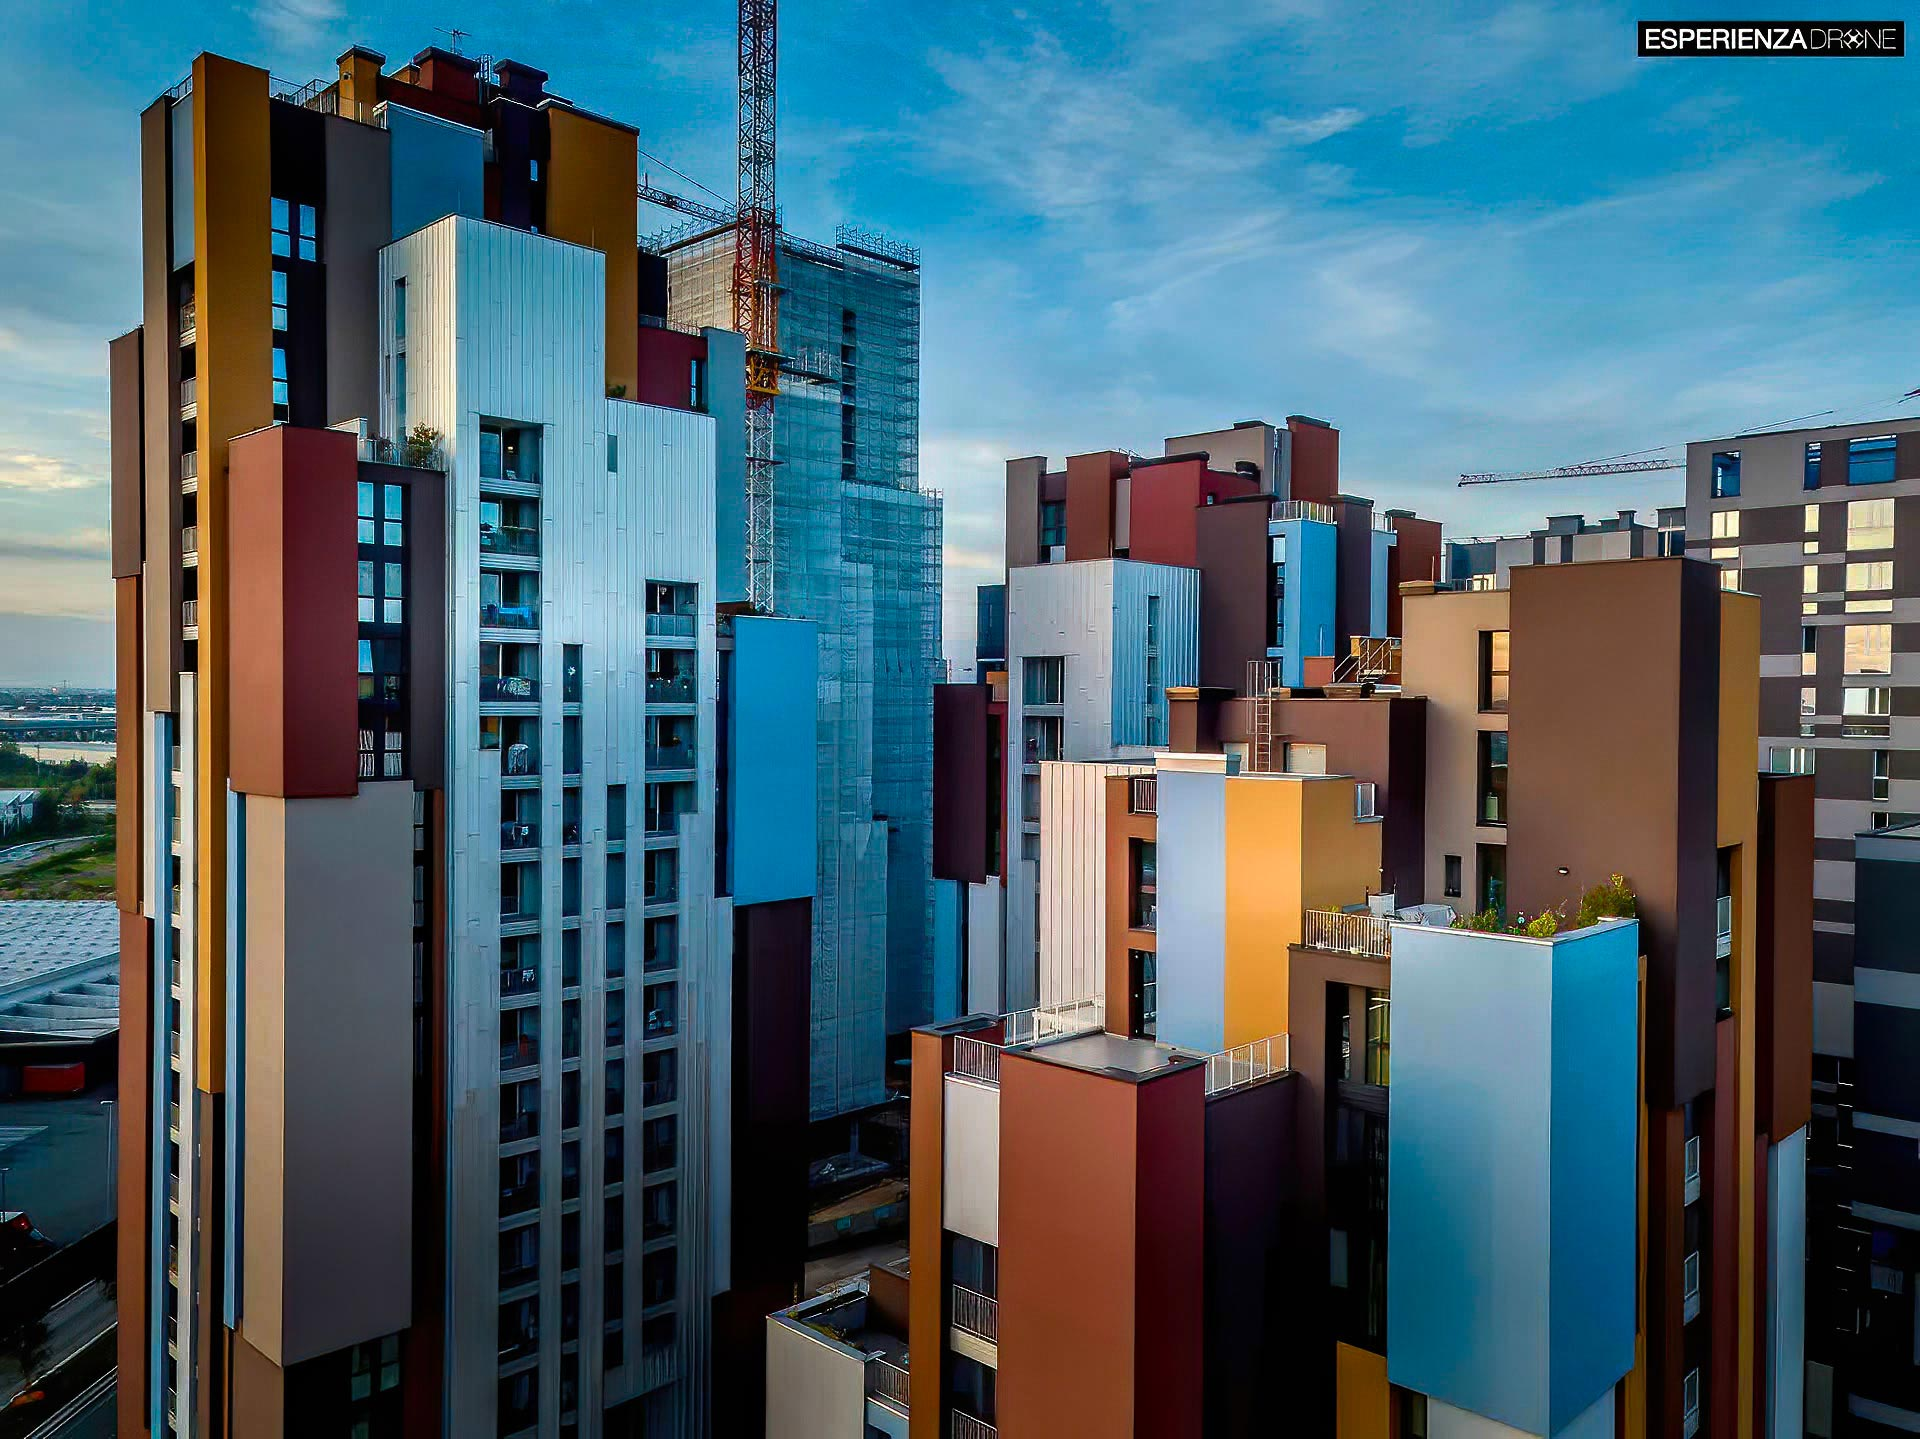 esperienza drone immagine aerea portfolio architettura laterale tramonto cascina merlata milano.jpg